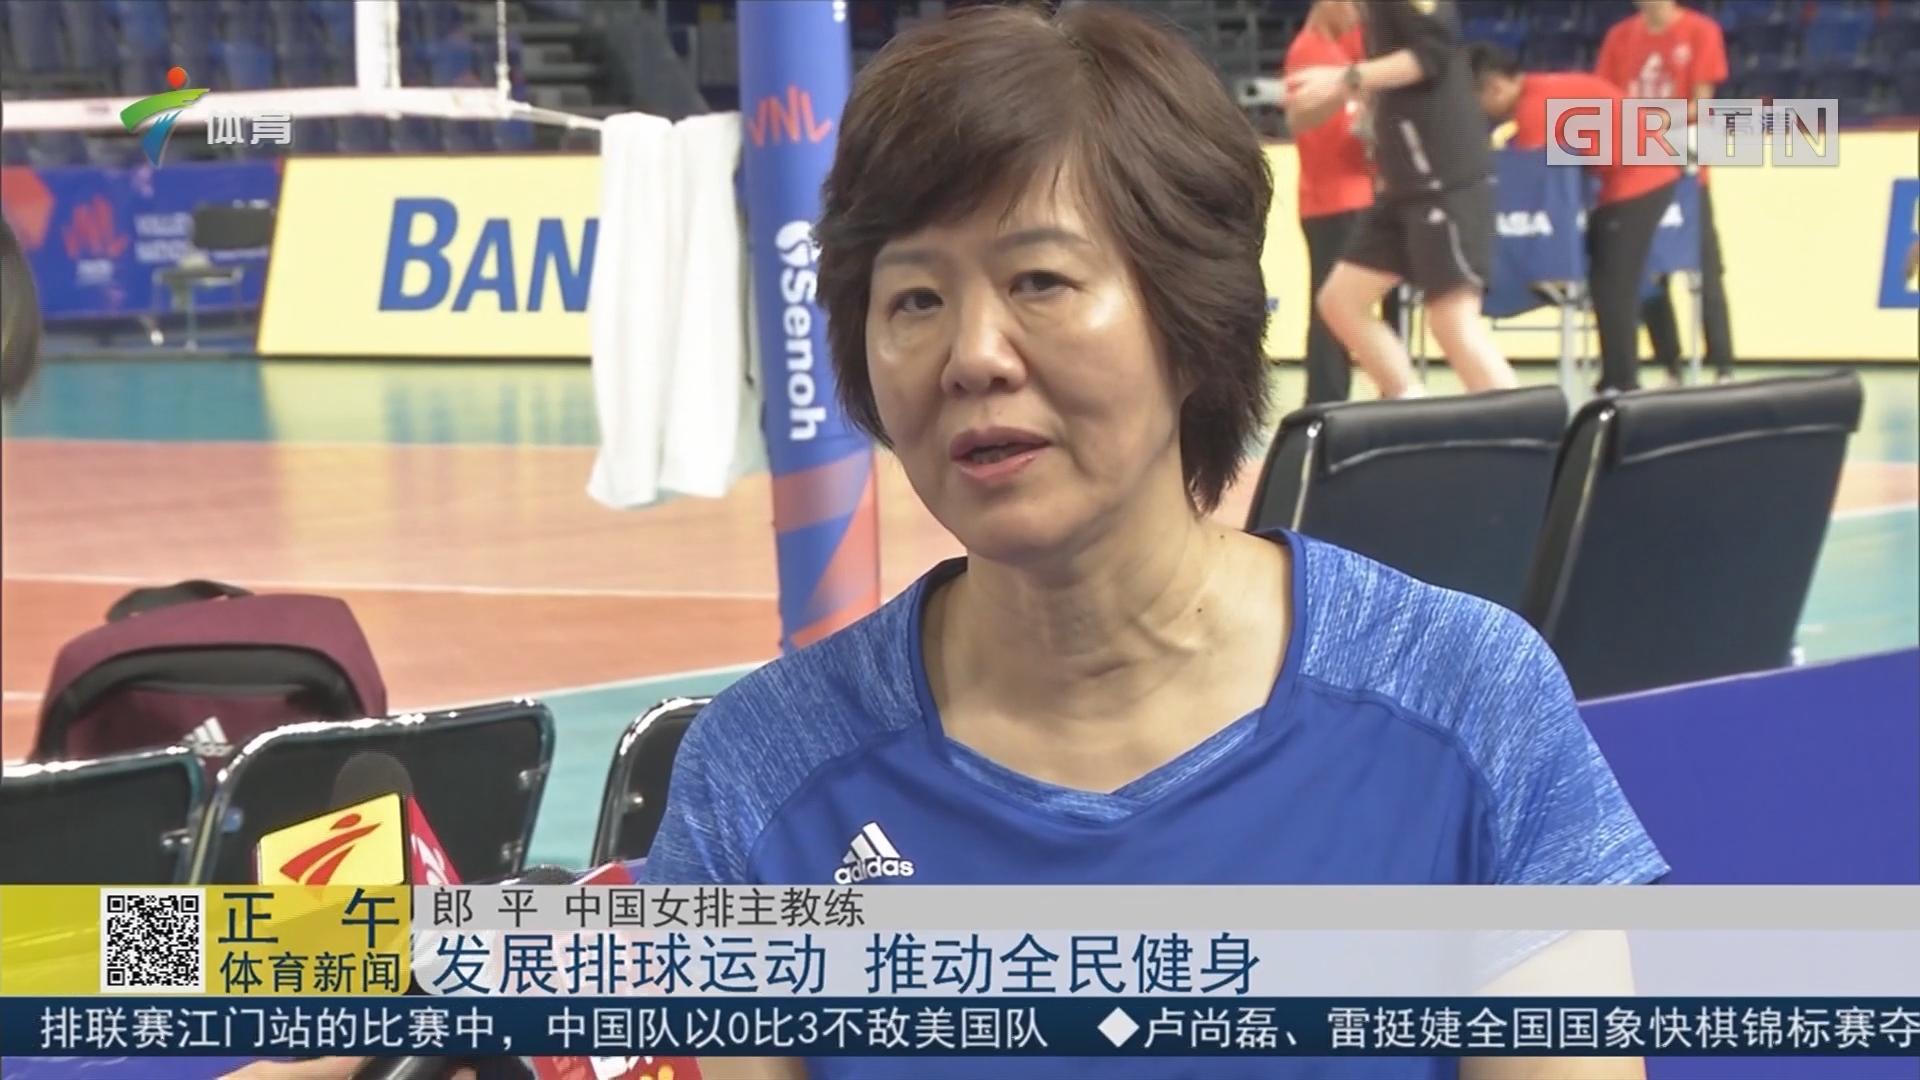 发展排球运动 推动全民健身